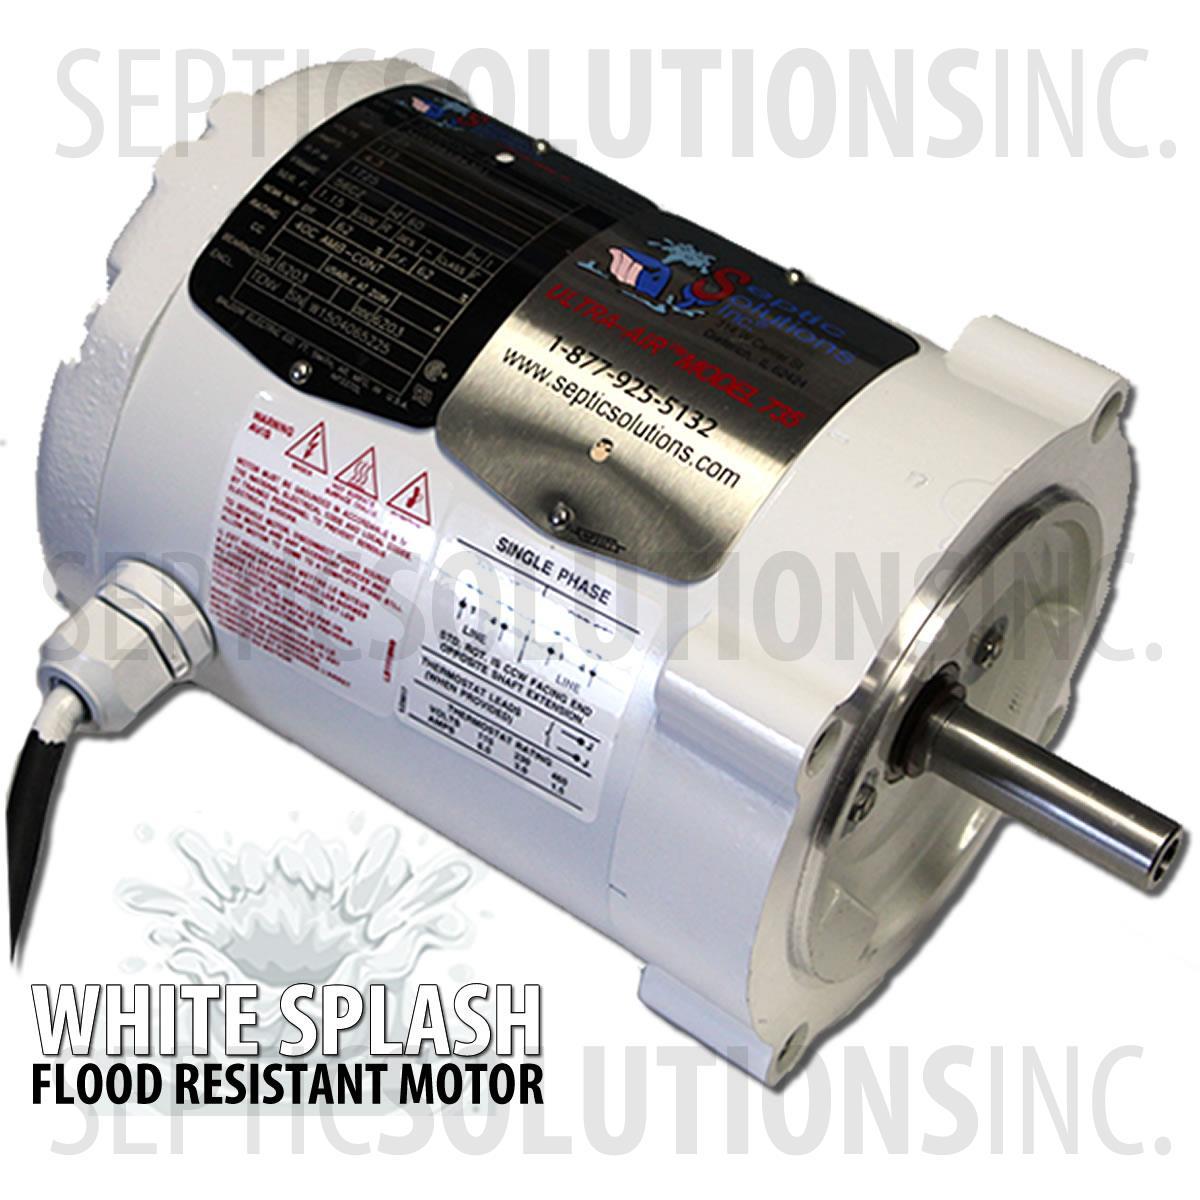 Ultra Air Model 735 White Splash Flood Resistant: septic motor